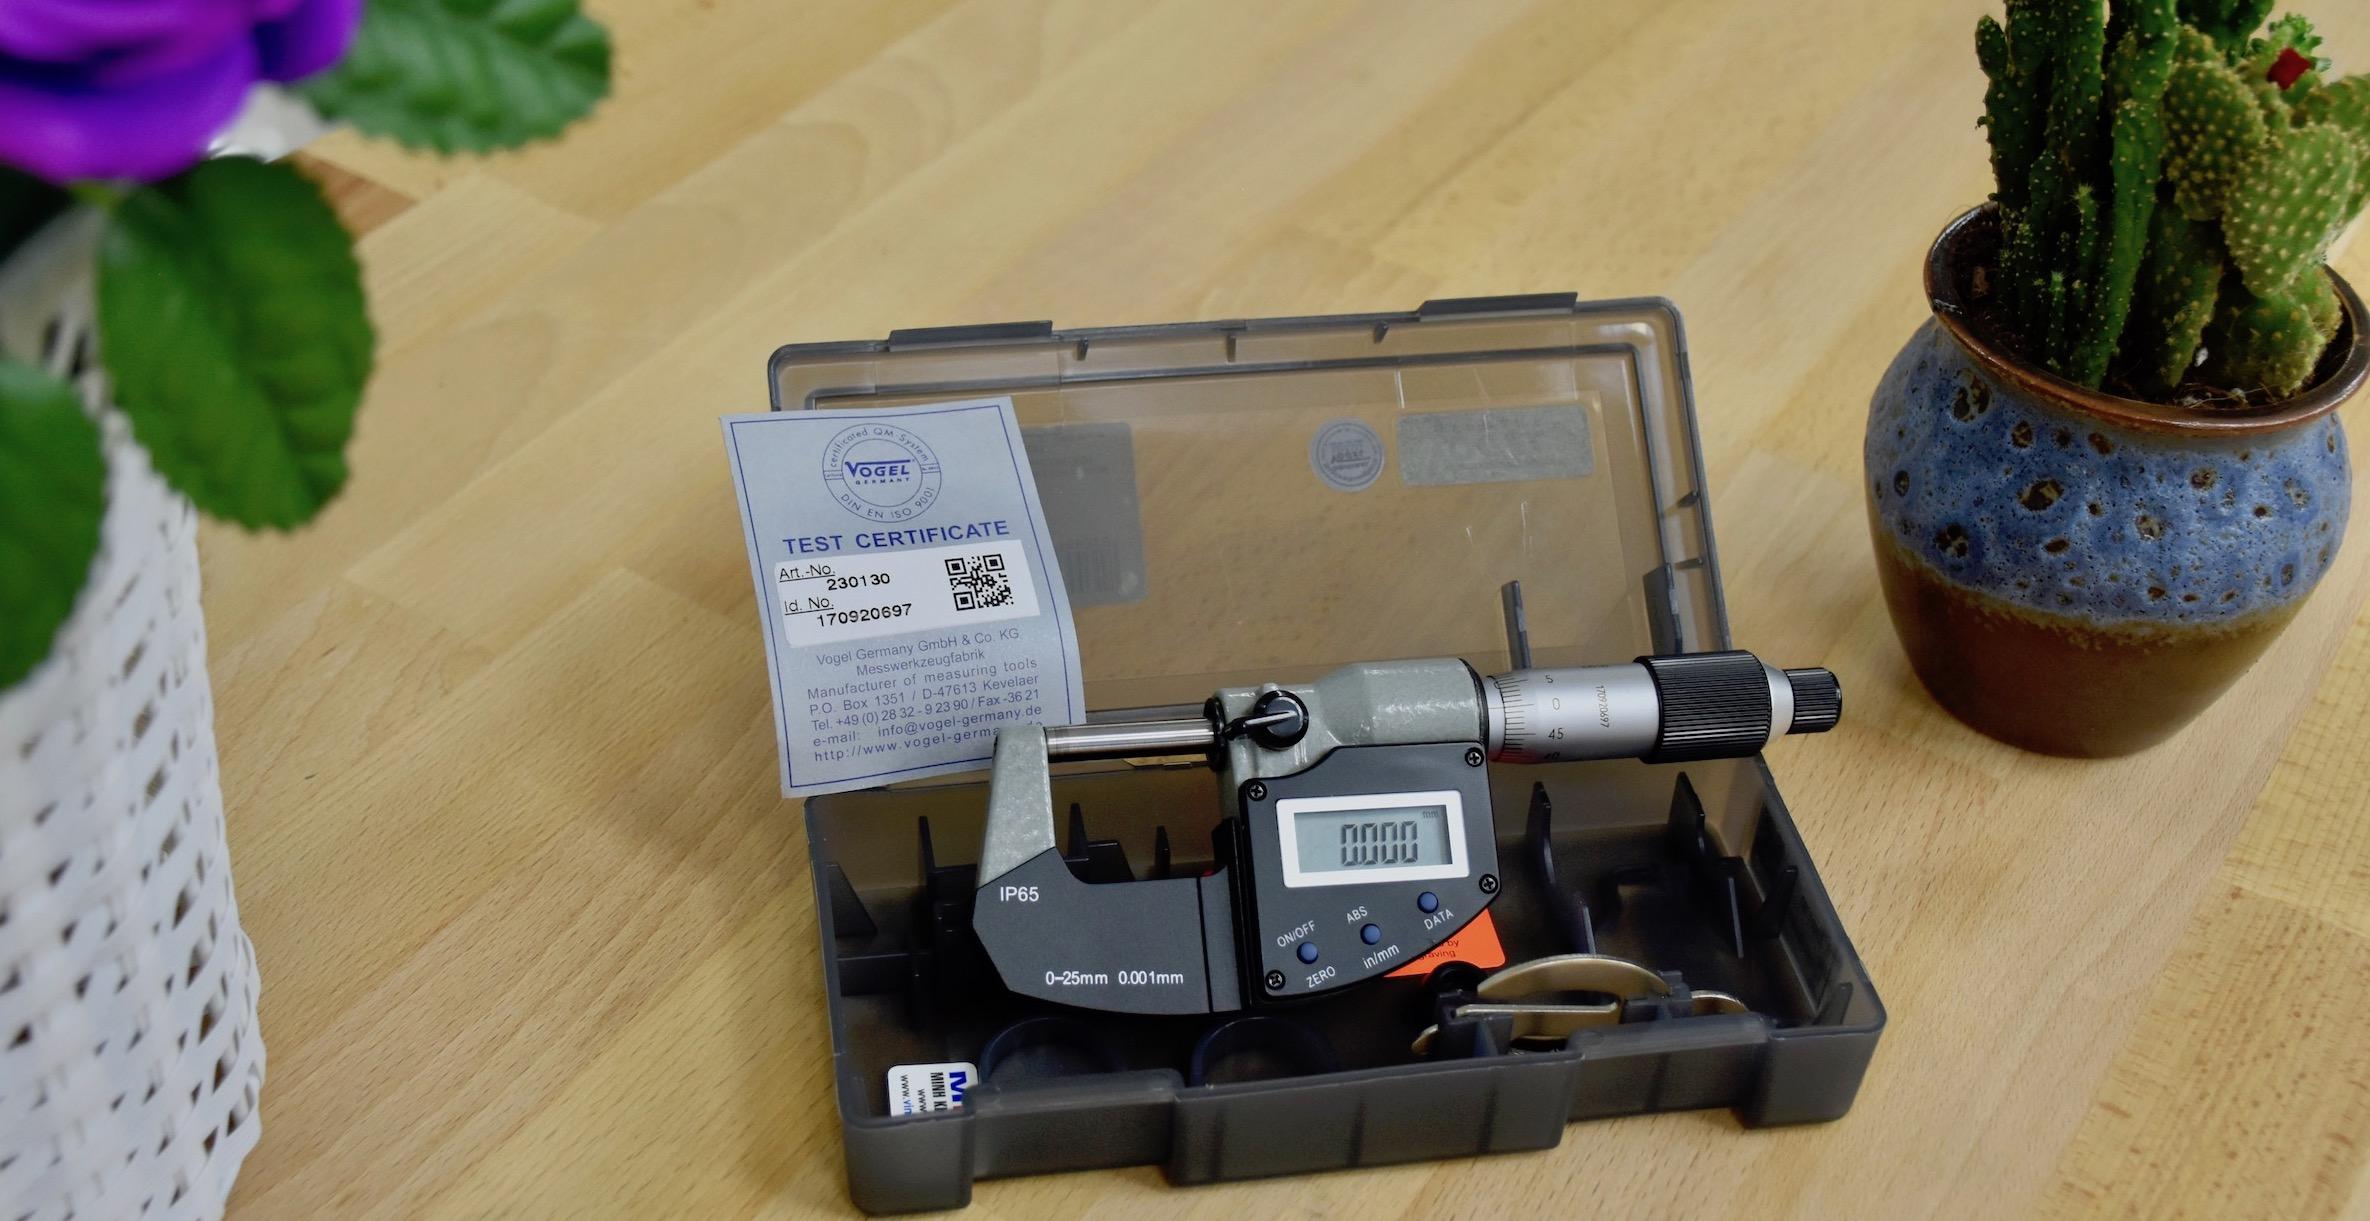 thước panme điện tử 0-25mm chống nước IP65.